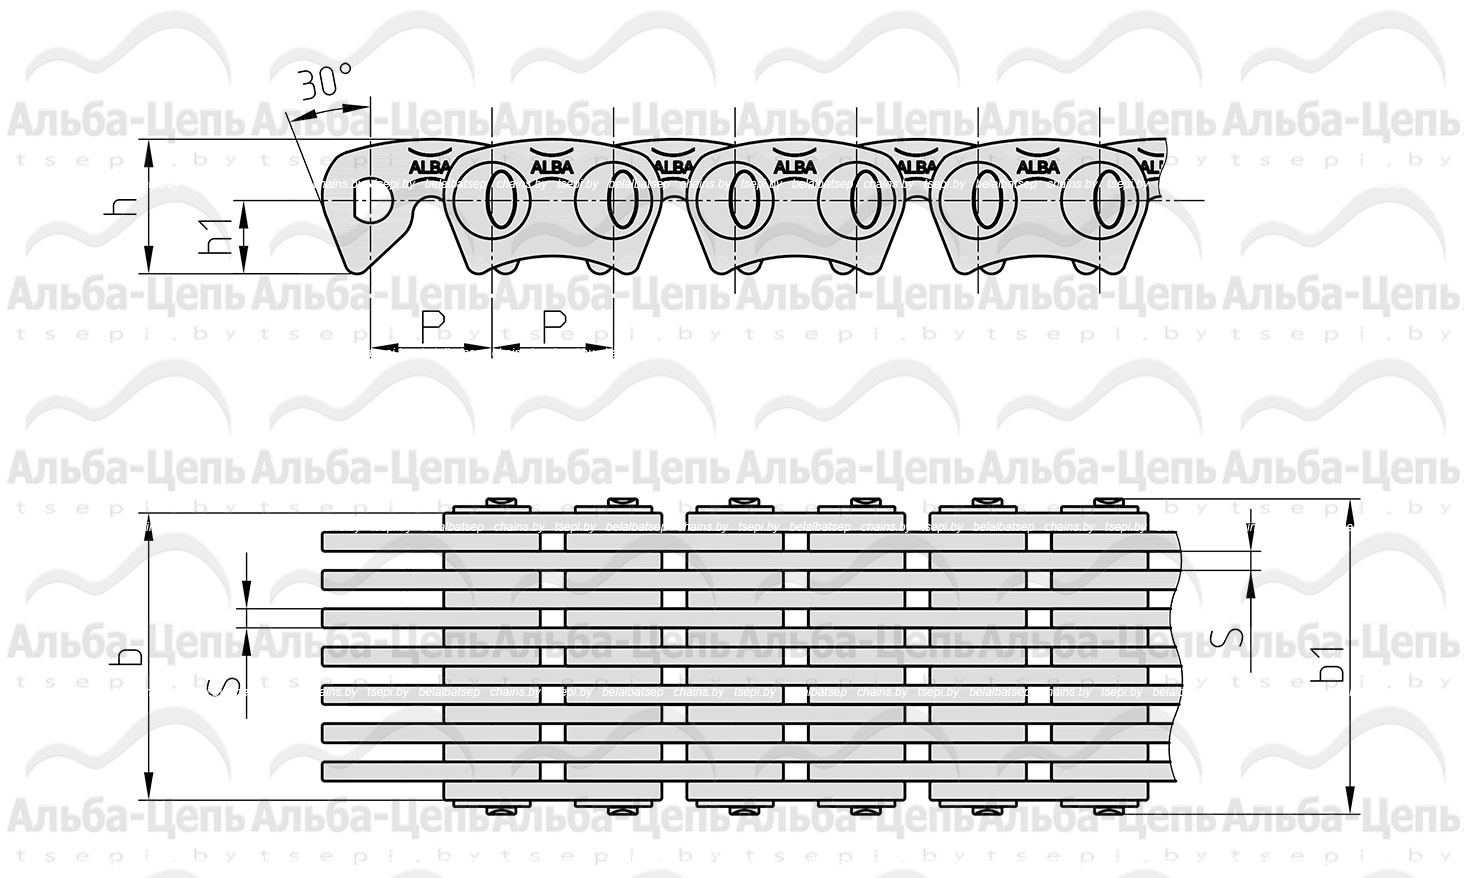 Гост р 54917-2012: цепи роликовые длиннозвенные и звездочки для приводов и конвейеров